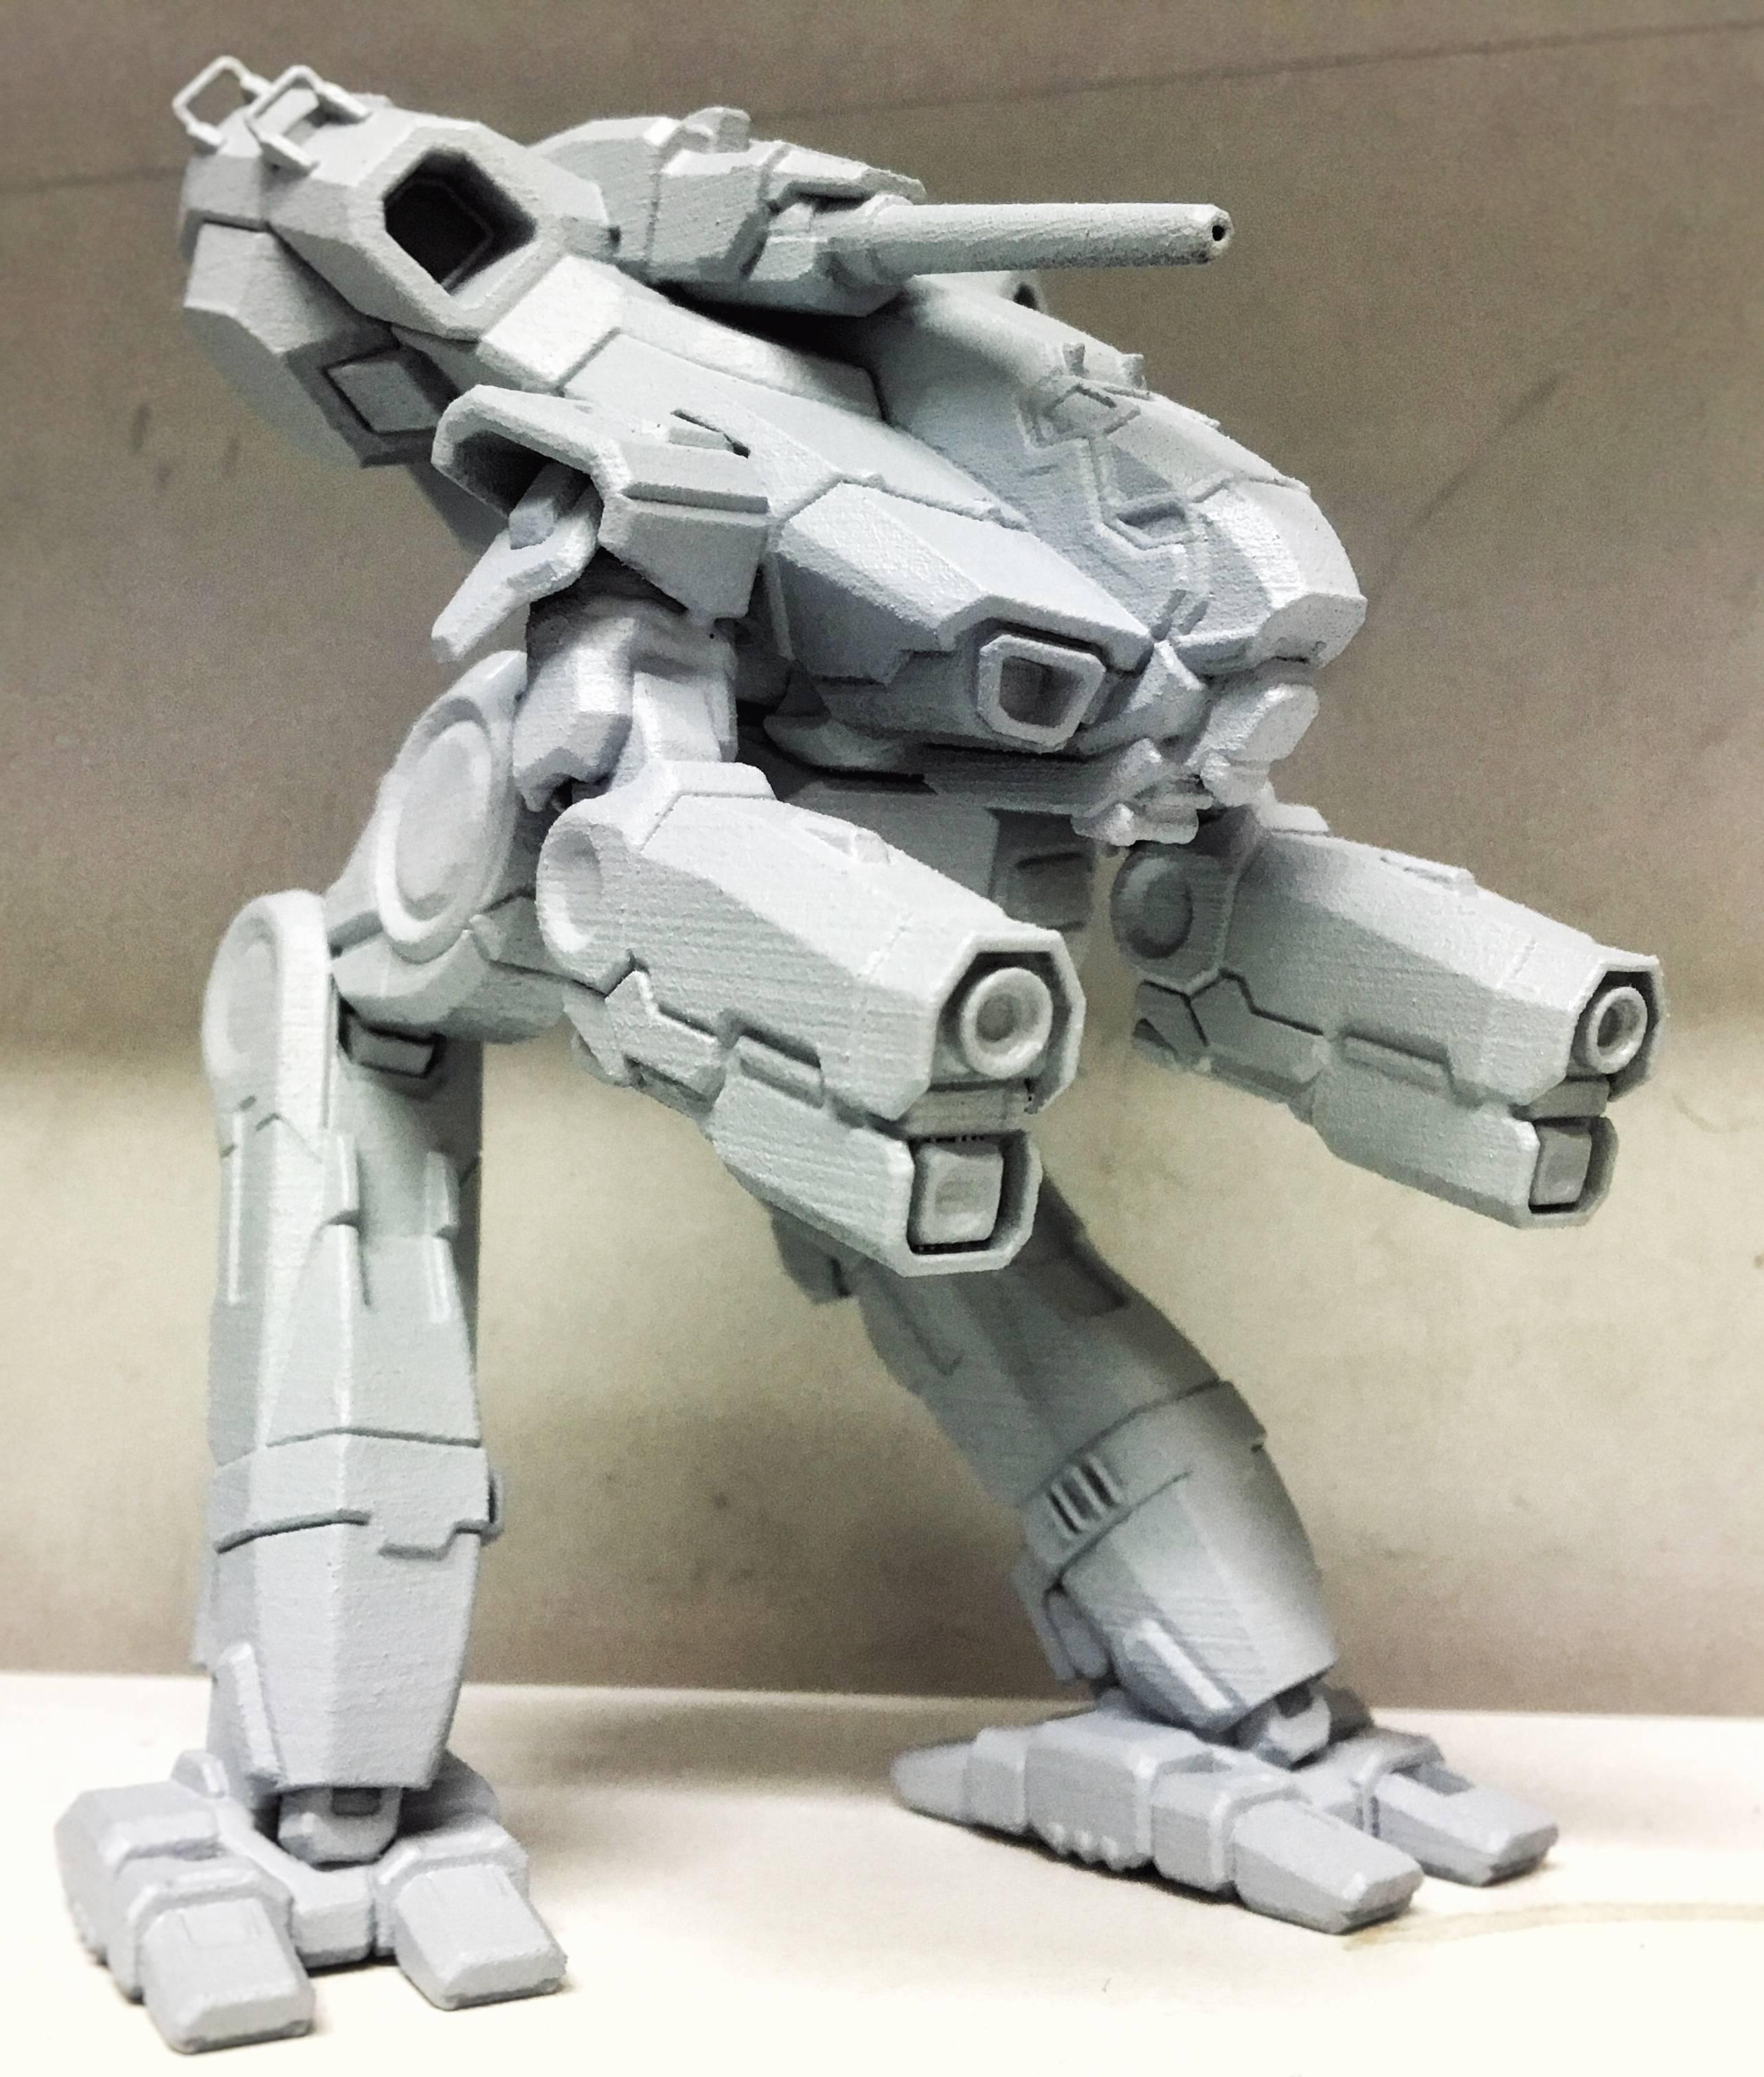 Top 10 MechWarrior 3D Printed Figurines